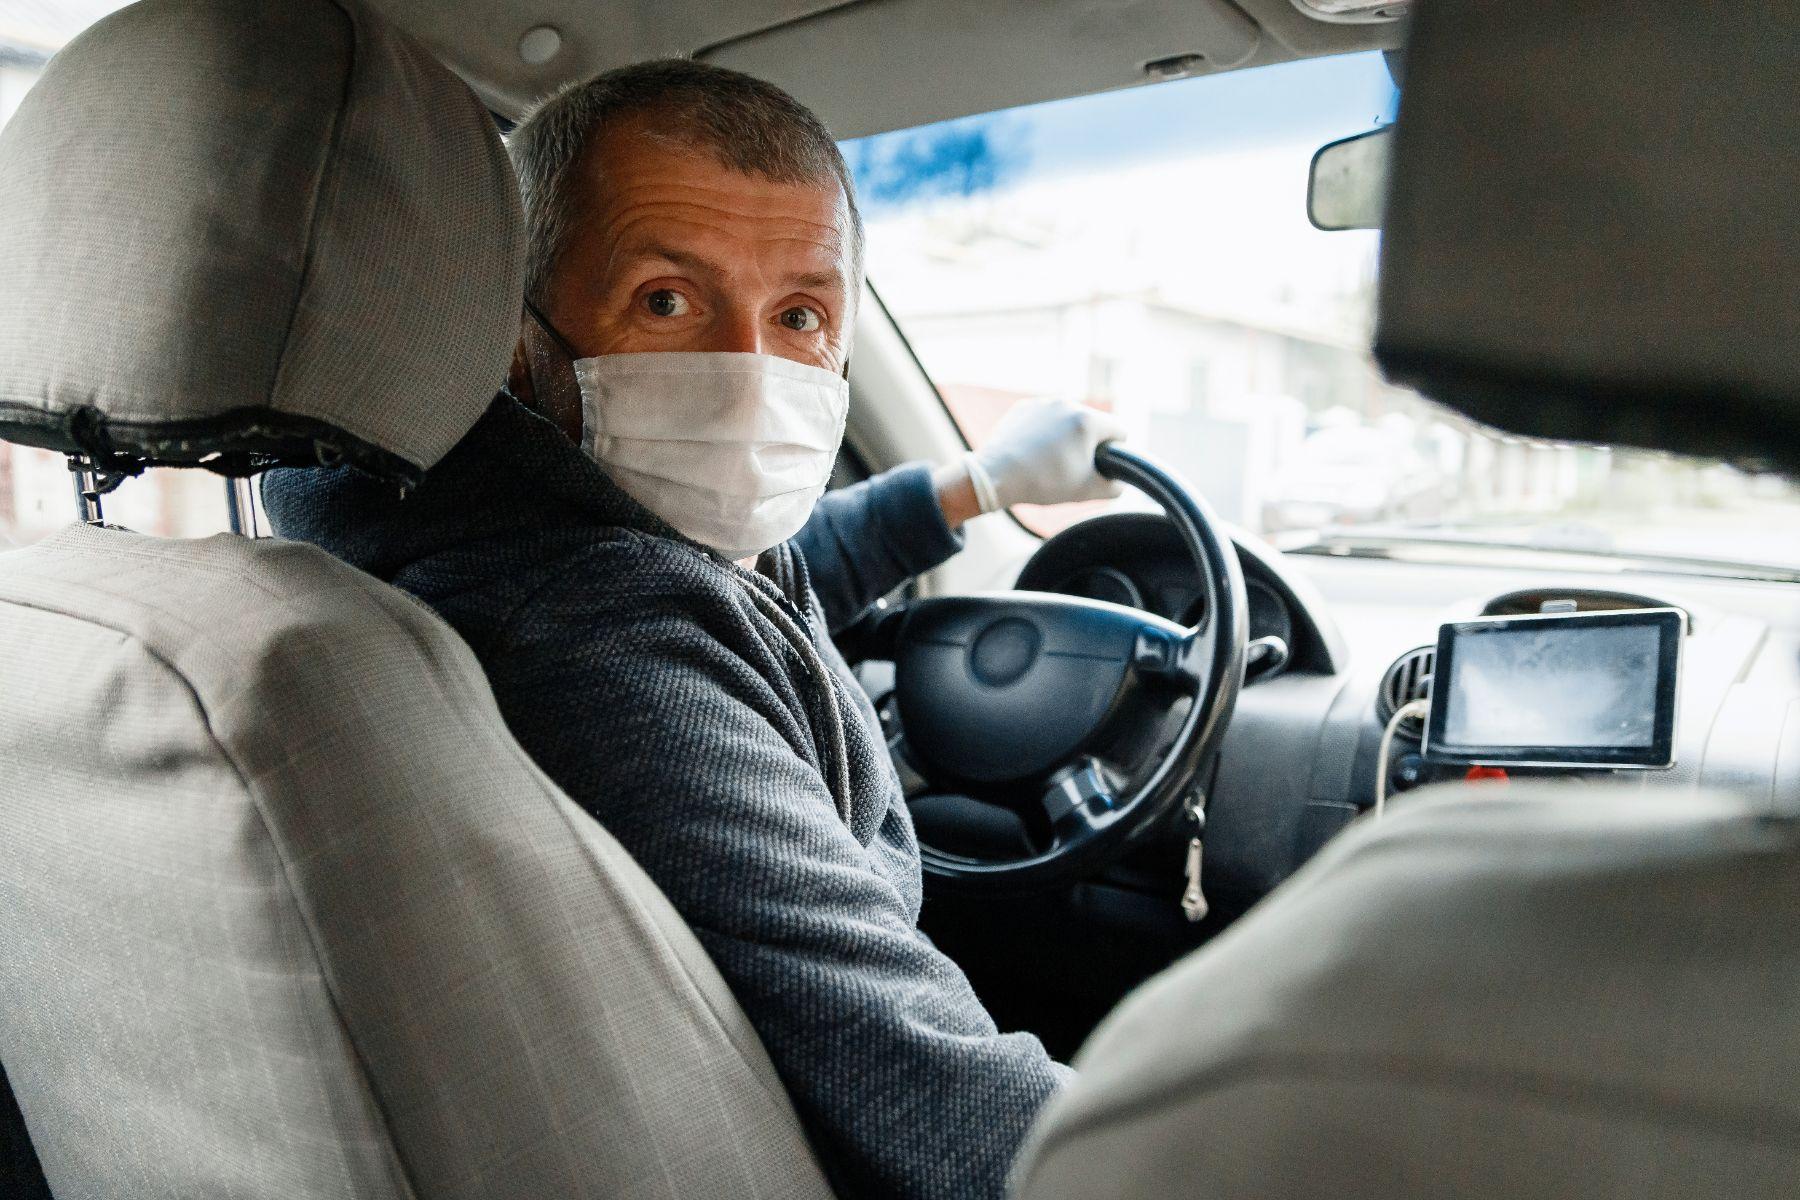 motorista profissional de mascara olhando para o banco de tras